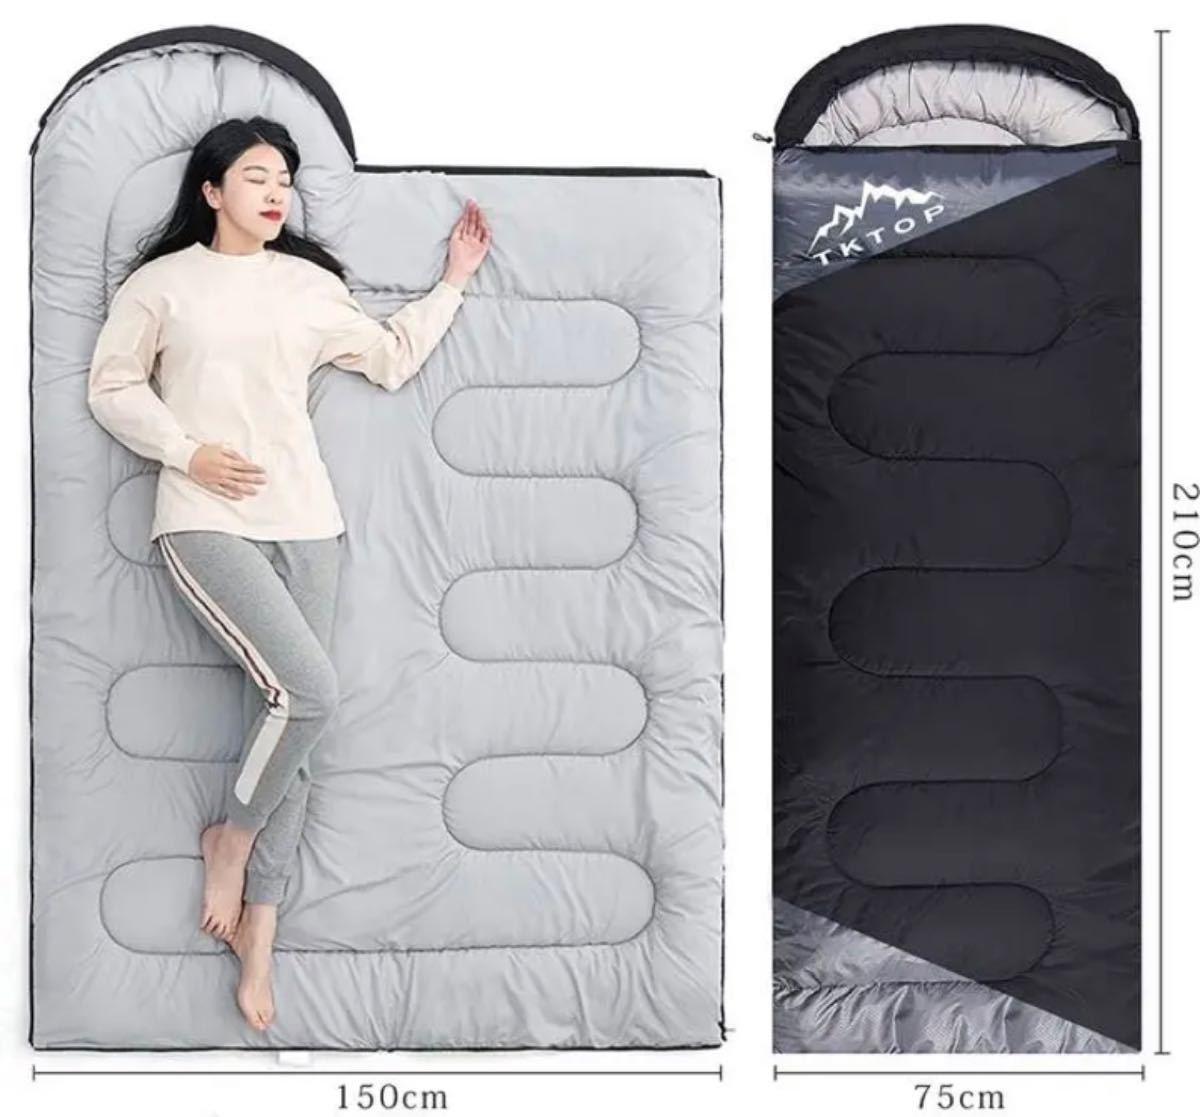 寝袋 封筒型 軽量 保温 210T防水シュラフ アウトドア キャンプ コンパクト